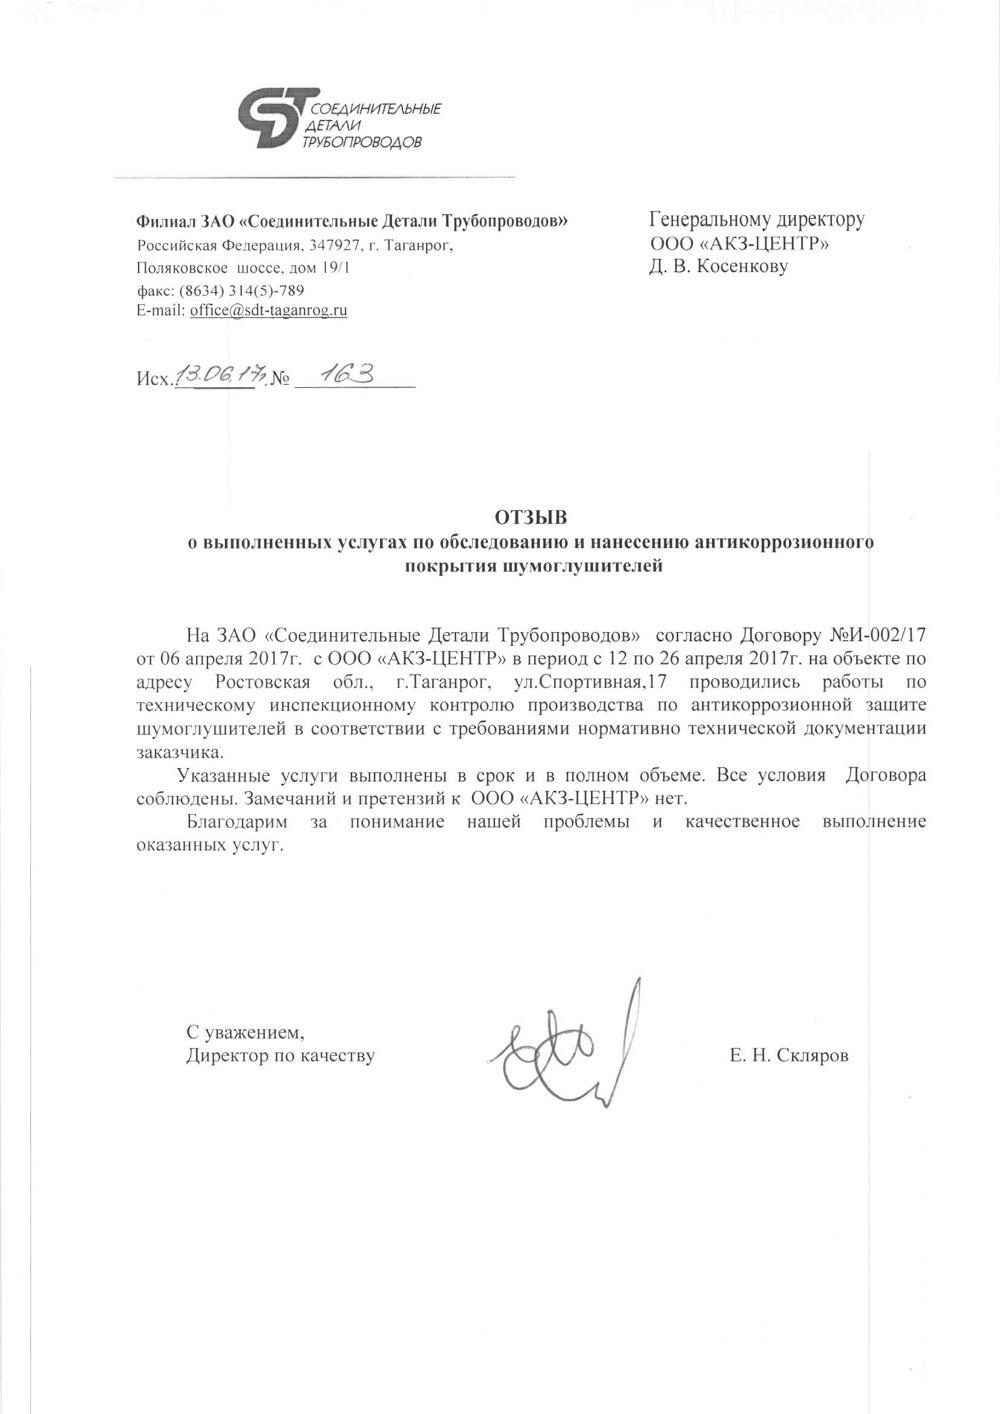 Рекомендательное письмо в ООО АКЗ-ЦЕНТР от ЗАО СДТ